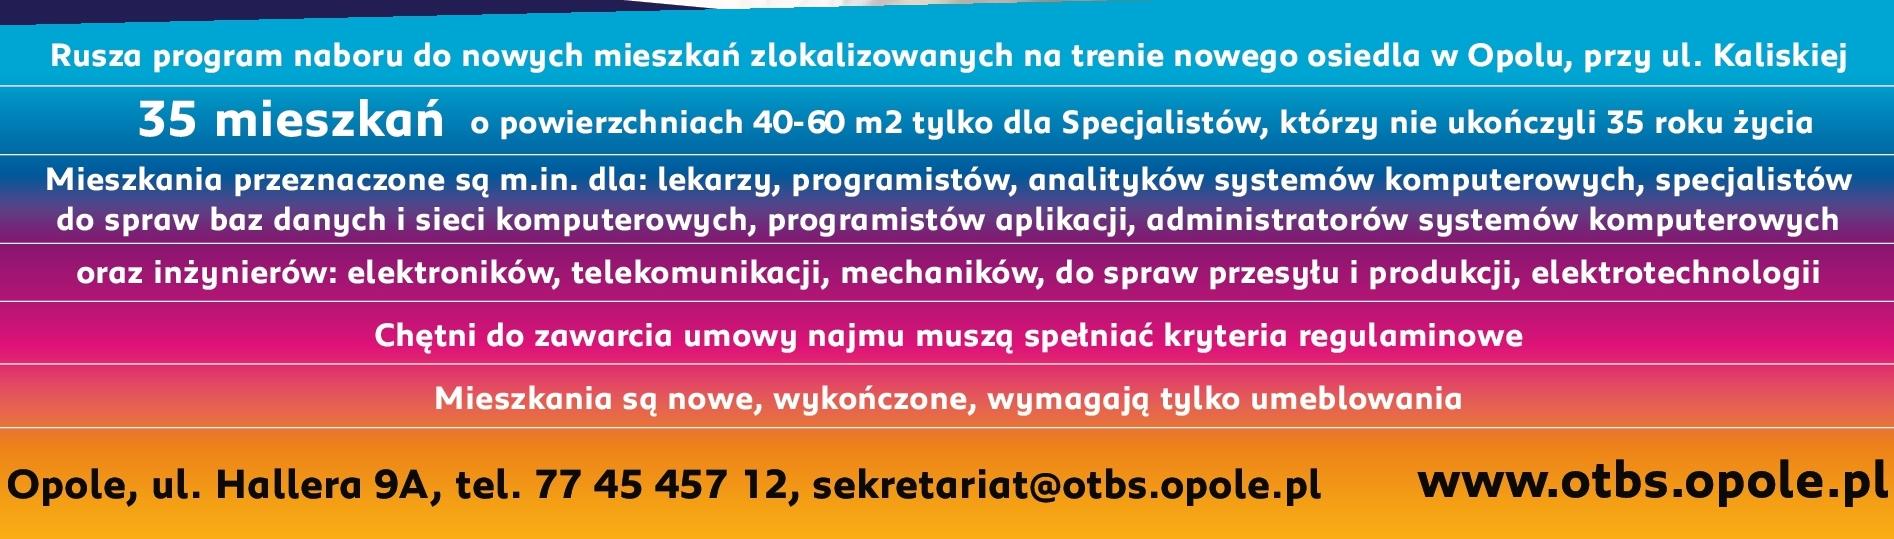 OTBS-1v4